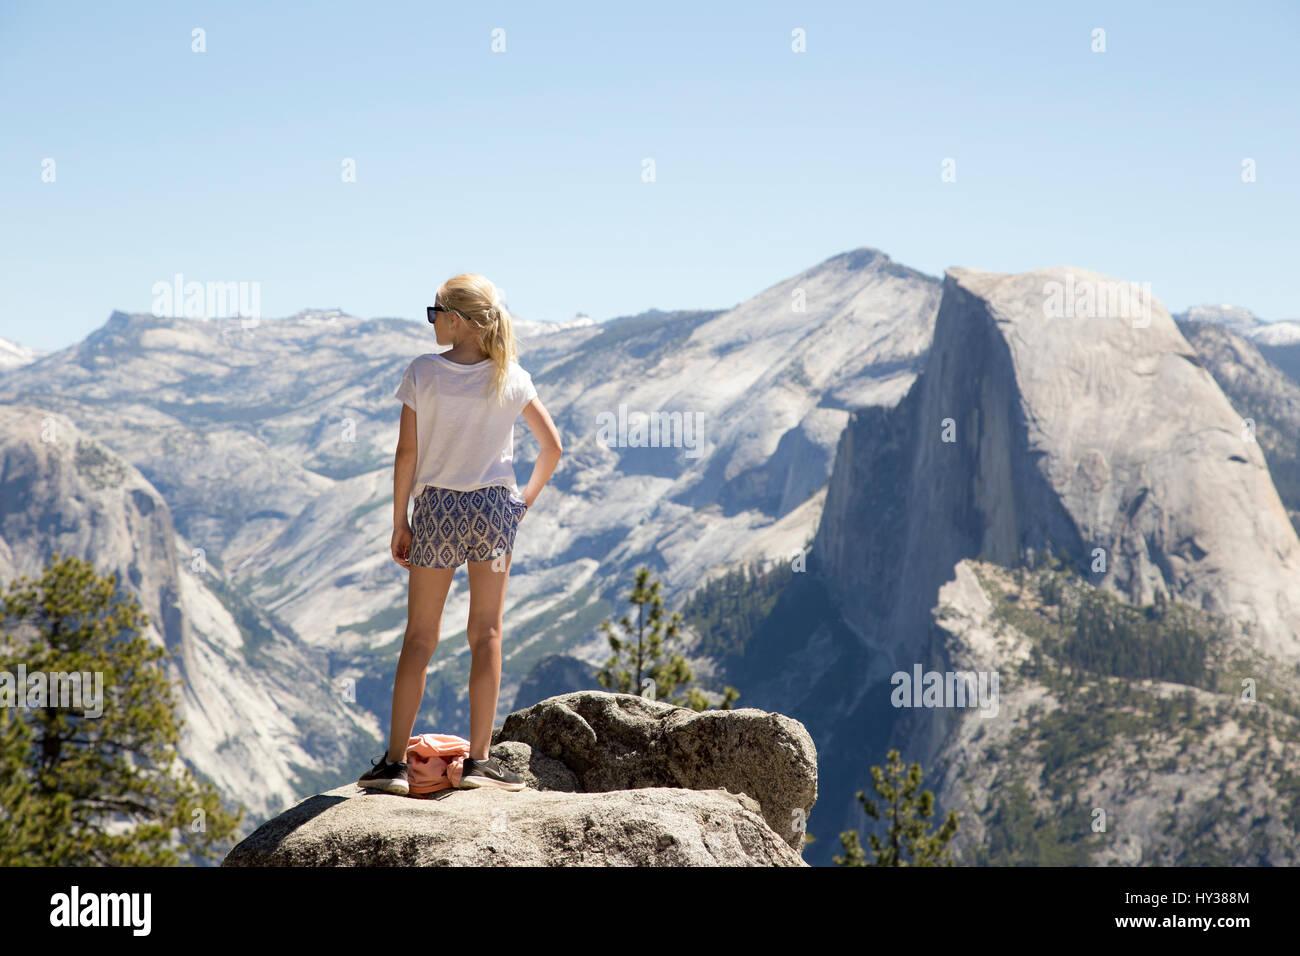 California, Estados Unidos, Yosemite, Chica (12-13) mirando a ver con Sentinel Dome y cataratas de Yosemite Foto de stock